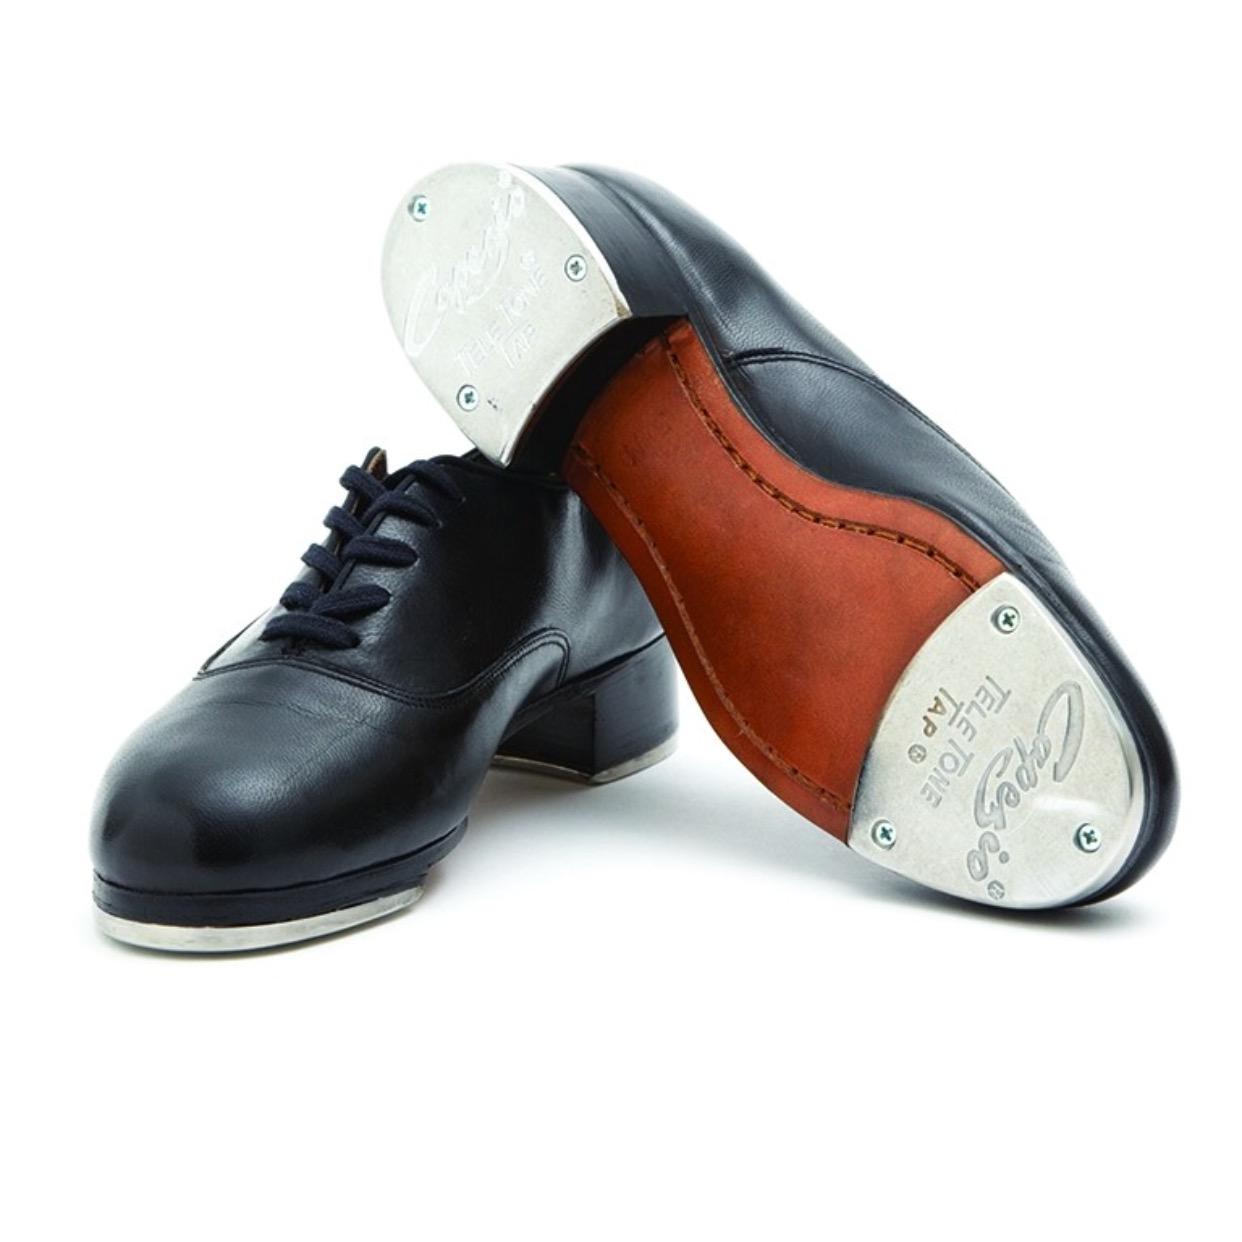 Capezio tap shoe repair